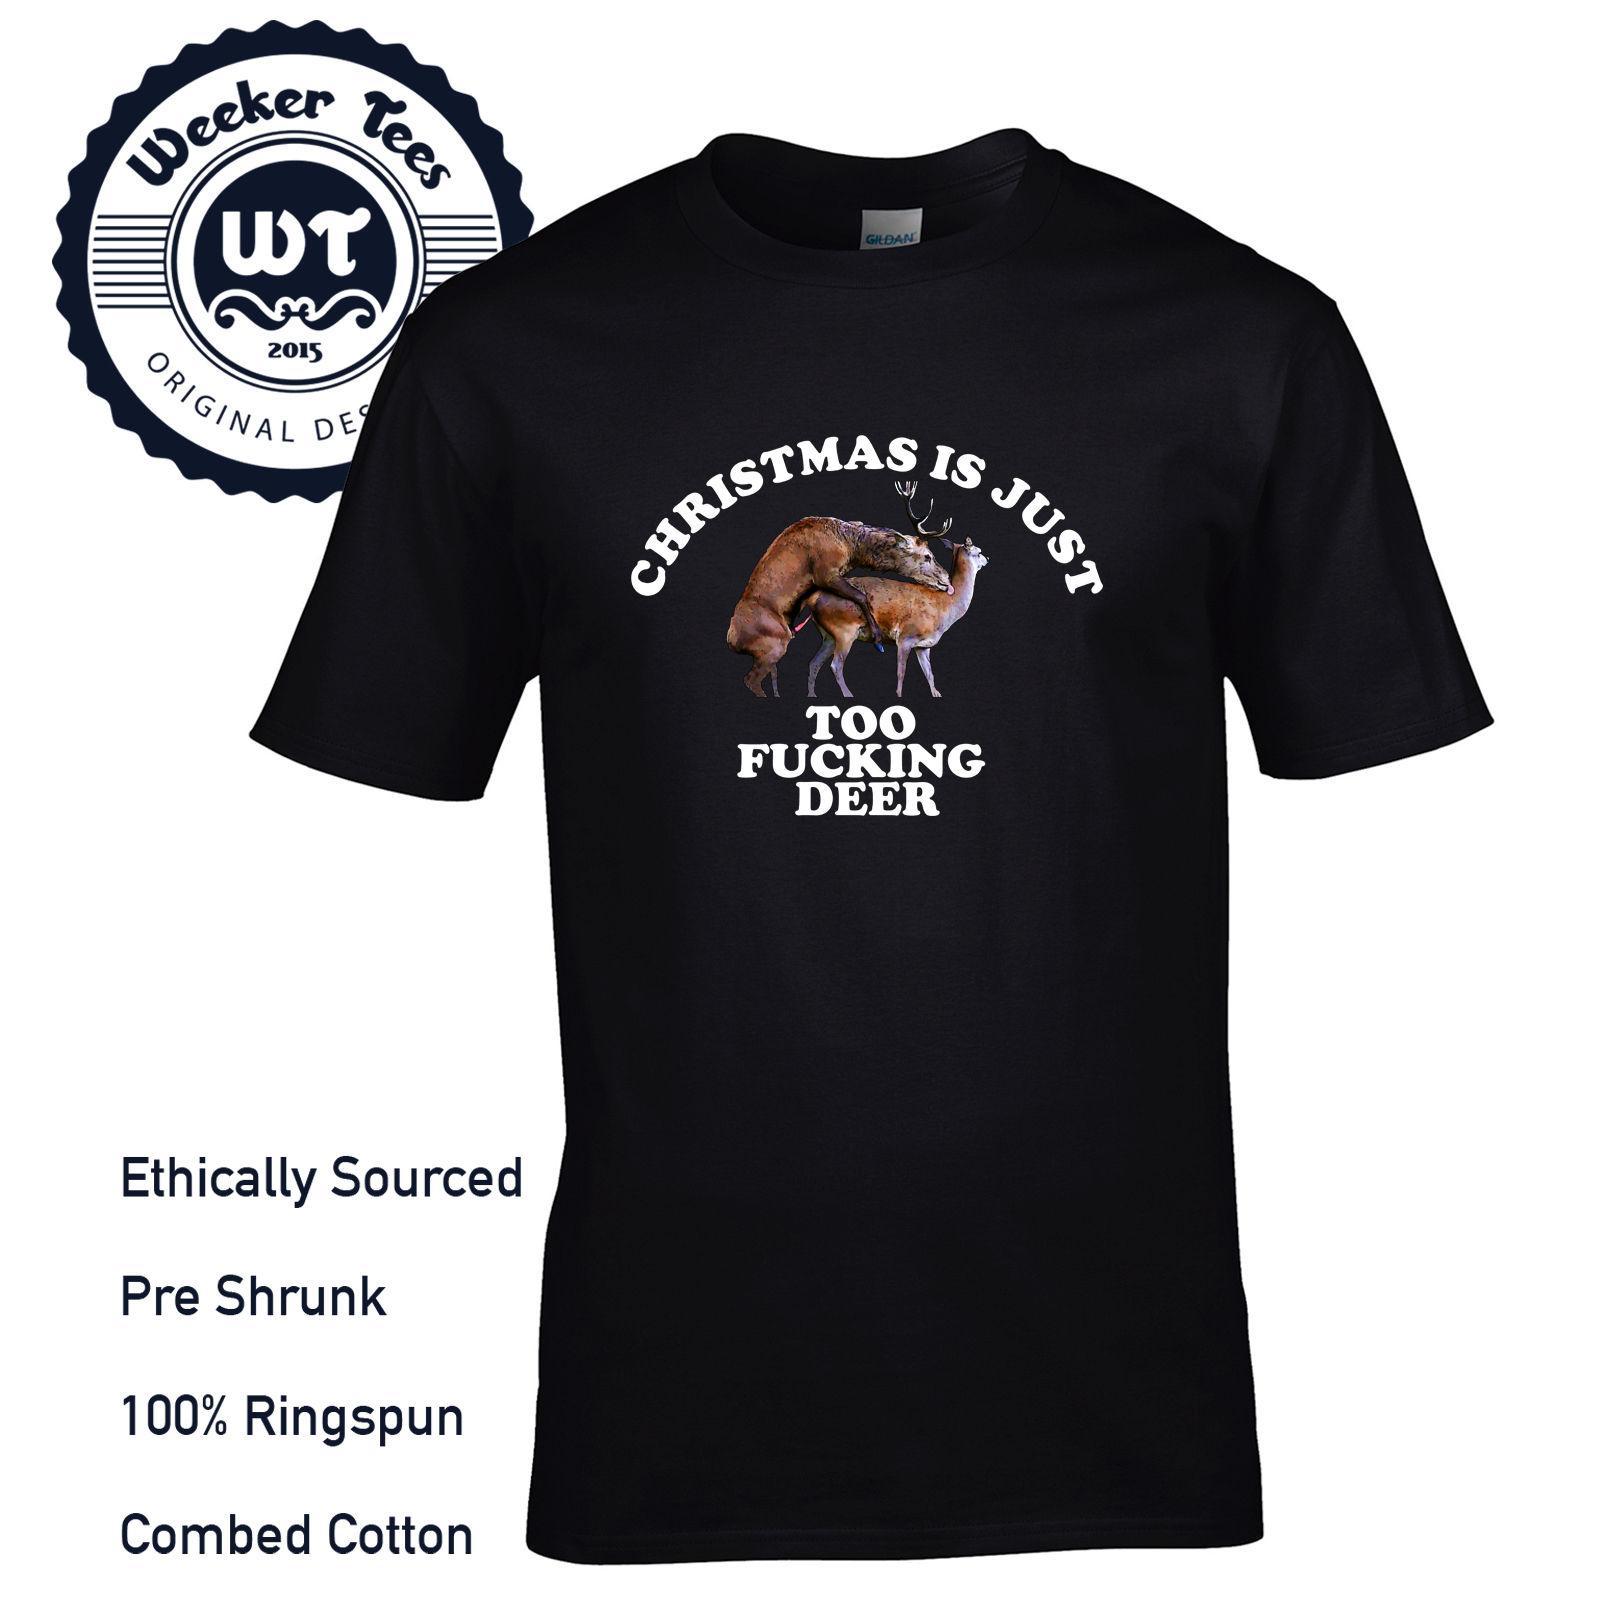 T Shirt Weihnachten.Weihnachten Ist Zu Fucking Reh T Shirt Lustig Nsfw Herren Geschenk Frech